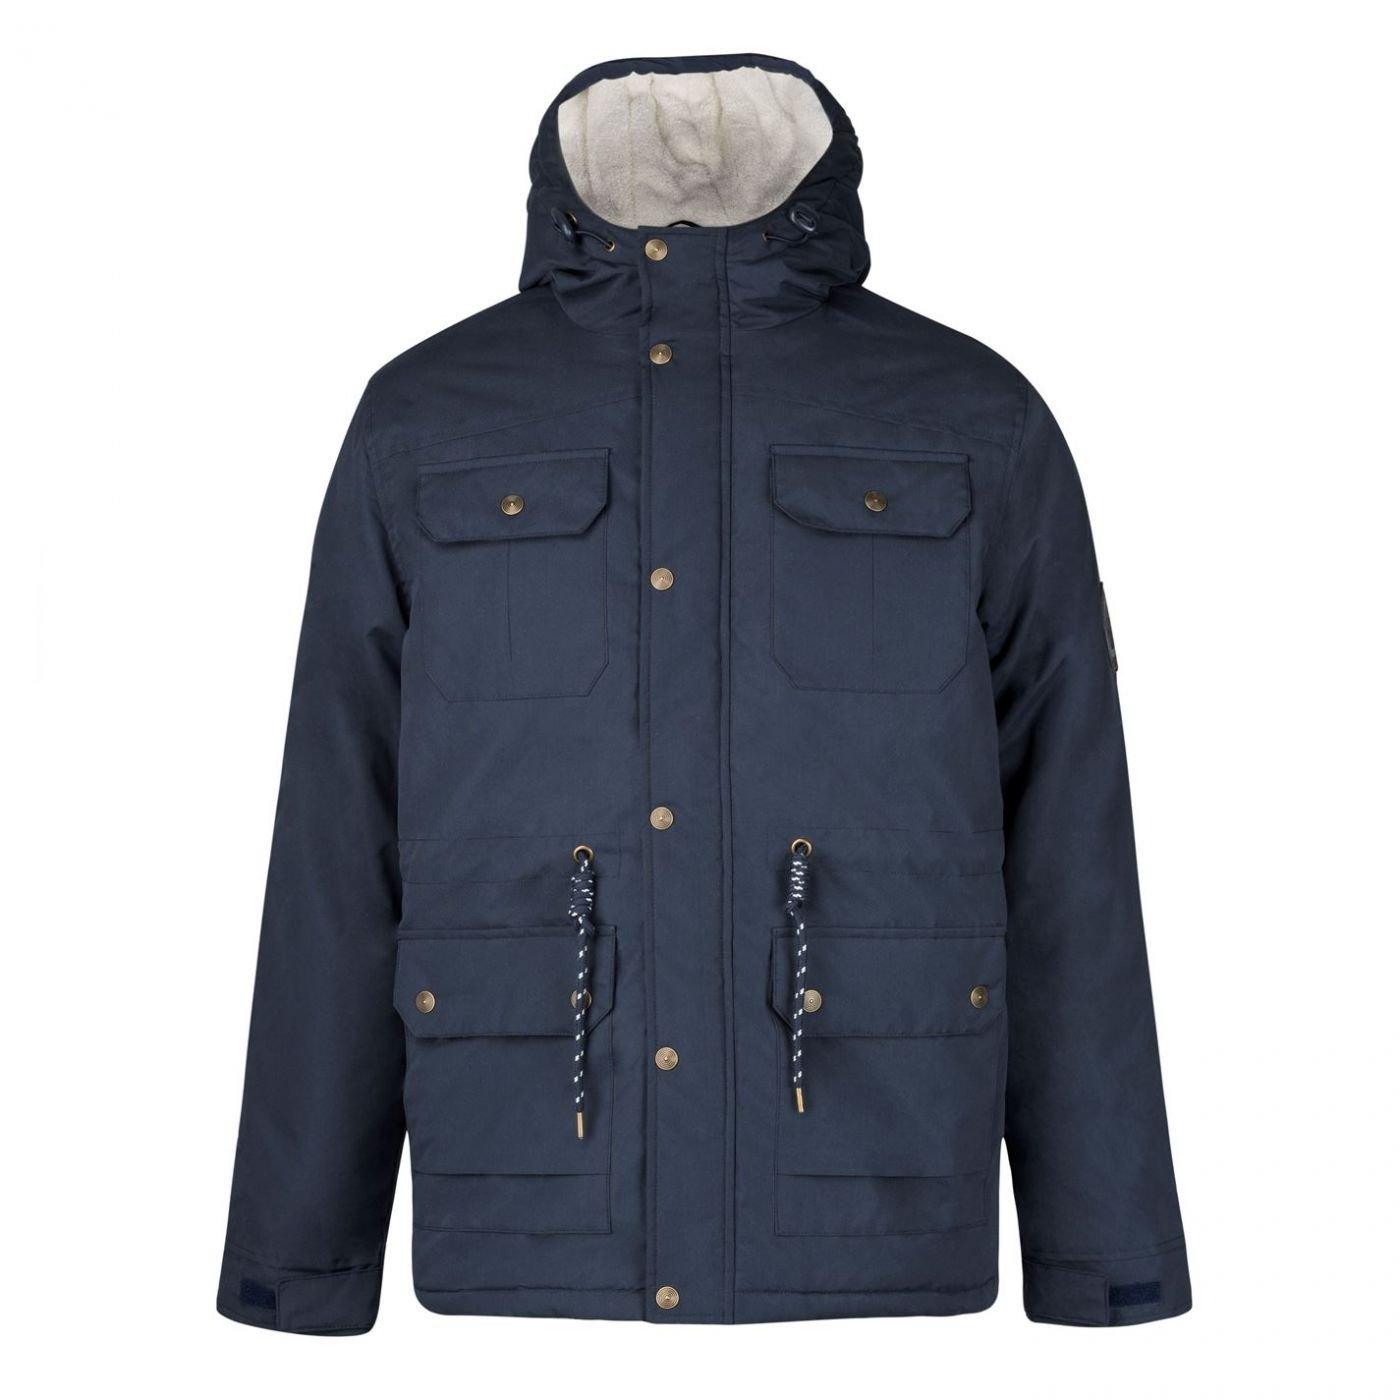 Lee Cooper Hooded Parka Jacket Mens